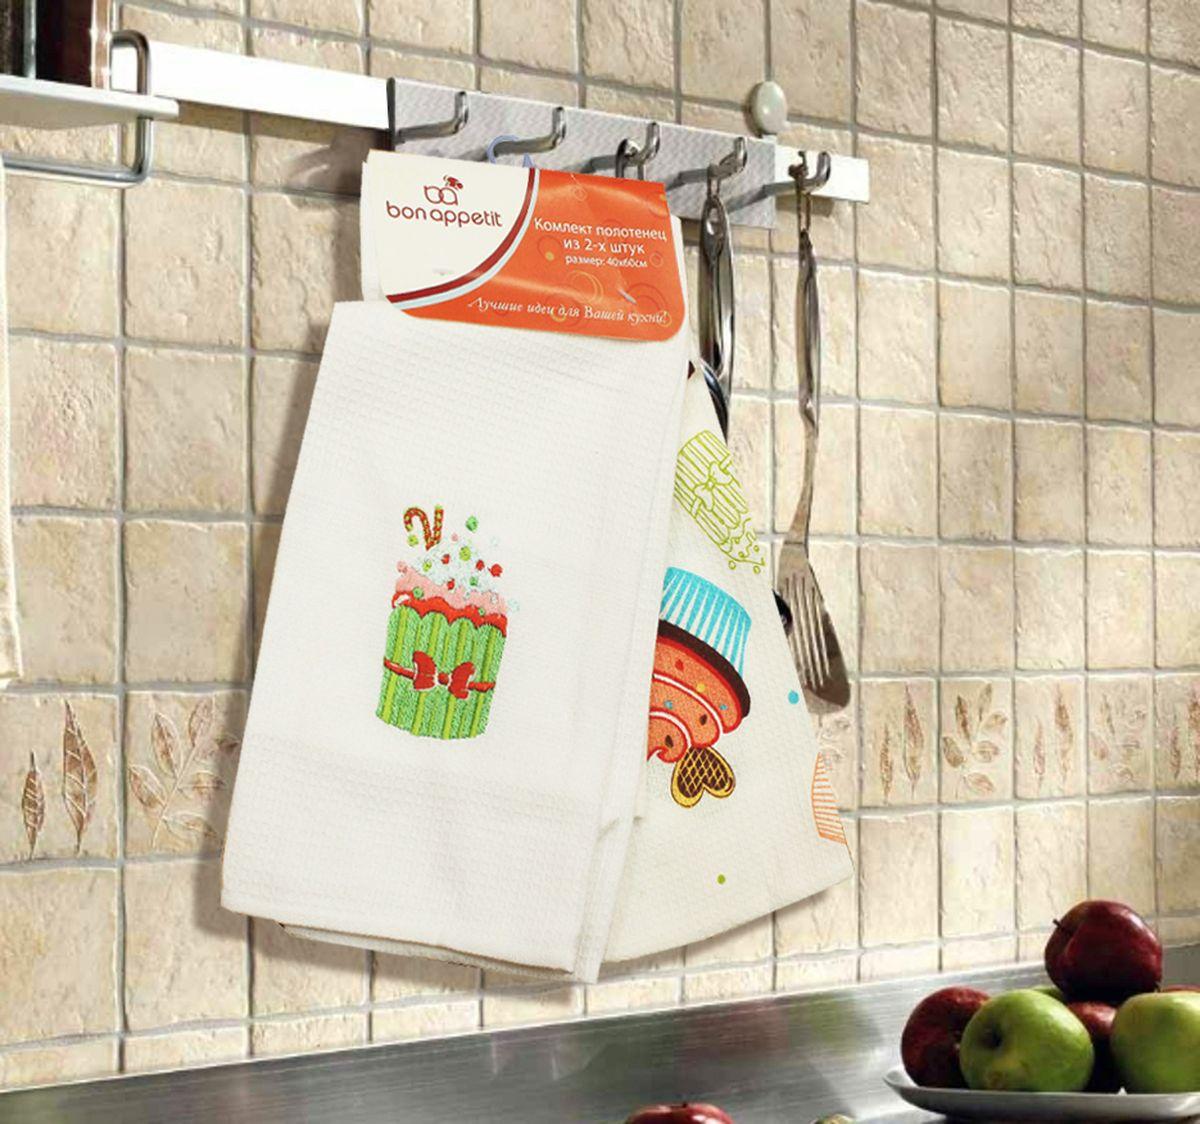 Набор кухонных полотенец Bon Appetit Cake, цвет: зеленый, 2 шт68107Кухонные Полотенца Bon Appetit - В помощь хозяйке на кухне!!! Кухонные Полотенца Bon Appetit идеально дополнят интерьер вашей кухни и создадут атмосферу уюта и комфорта. Полотенца выполнены из натурального 100% Хлопка, поэтому являются экологически чистыми. Качество материала гарантирует безопасность не только взрослых, но и самых маленьких членов семьи. Bon Appetit – Интерьер и Практичность Современной Кухни!